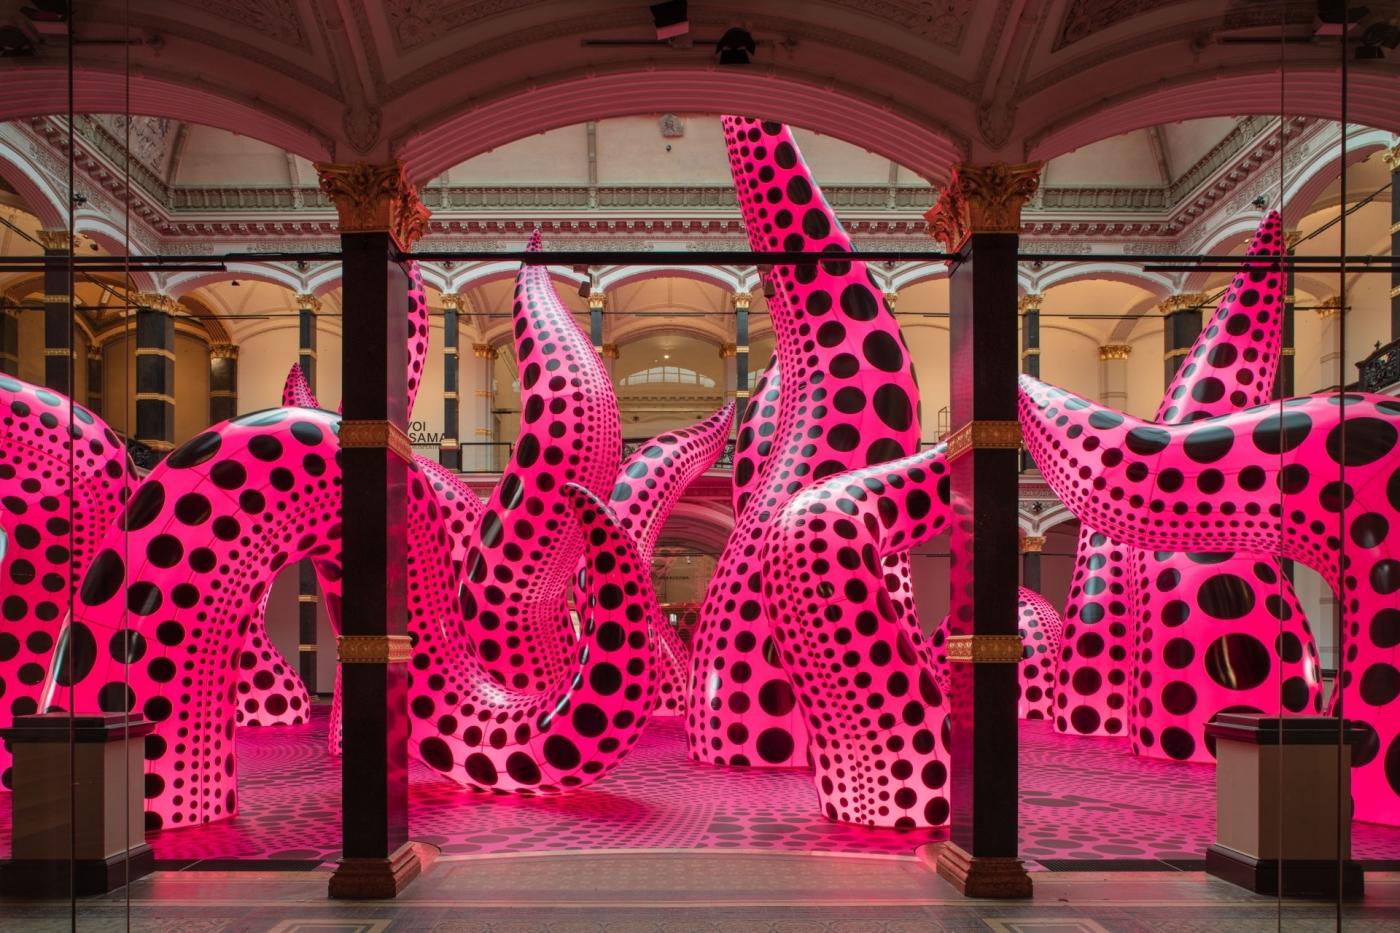 草間彌生線上看!張狂充氣觸角「宇宙花束」亮相,德國美術館近 300 件作品開放瀏覽